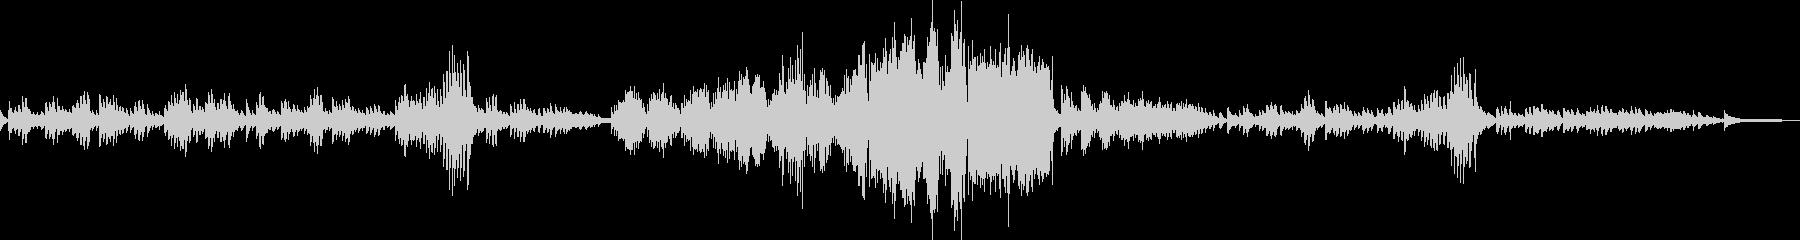 ショパン 別れの曲 Op10 No3の未再生の波形